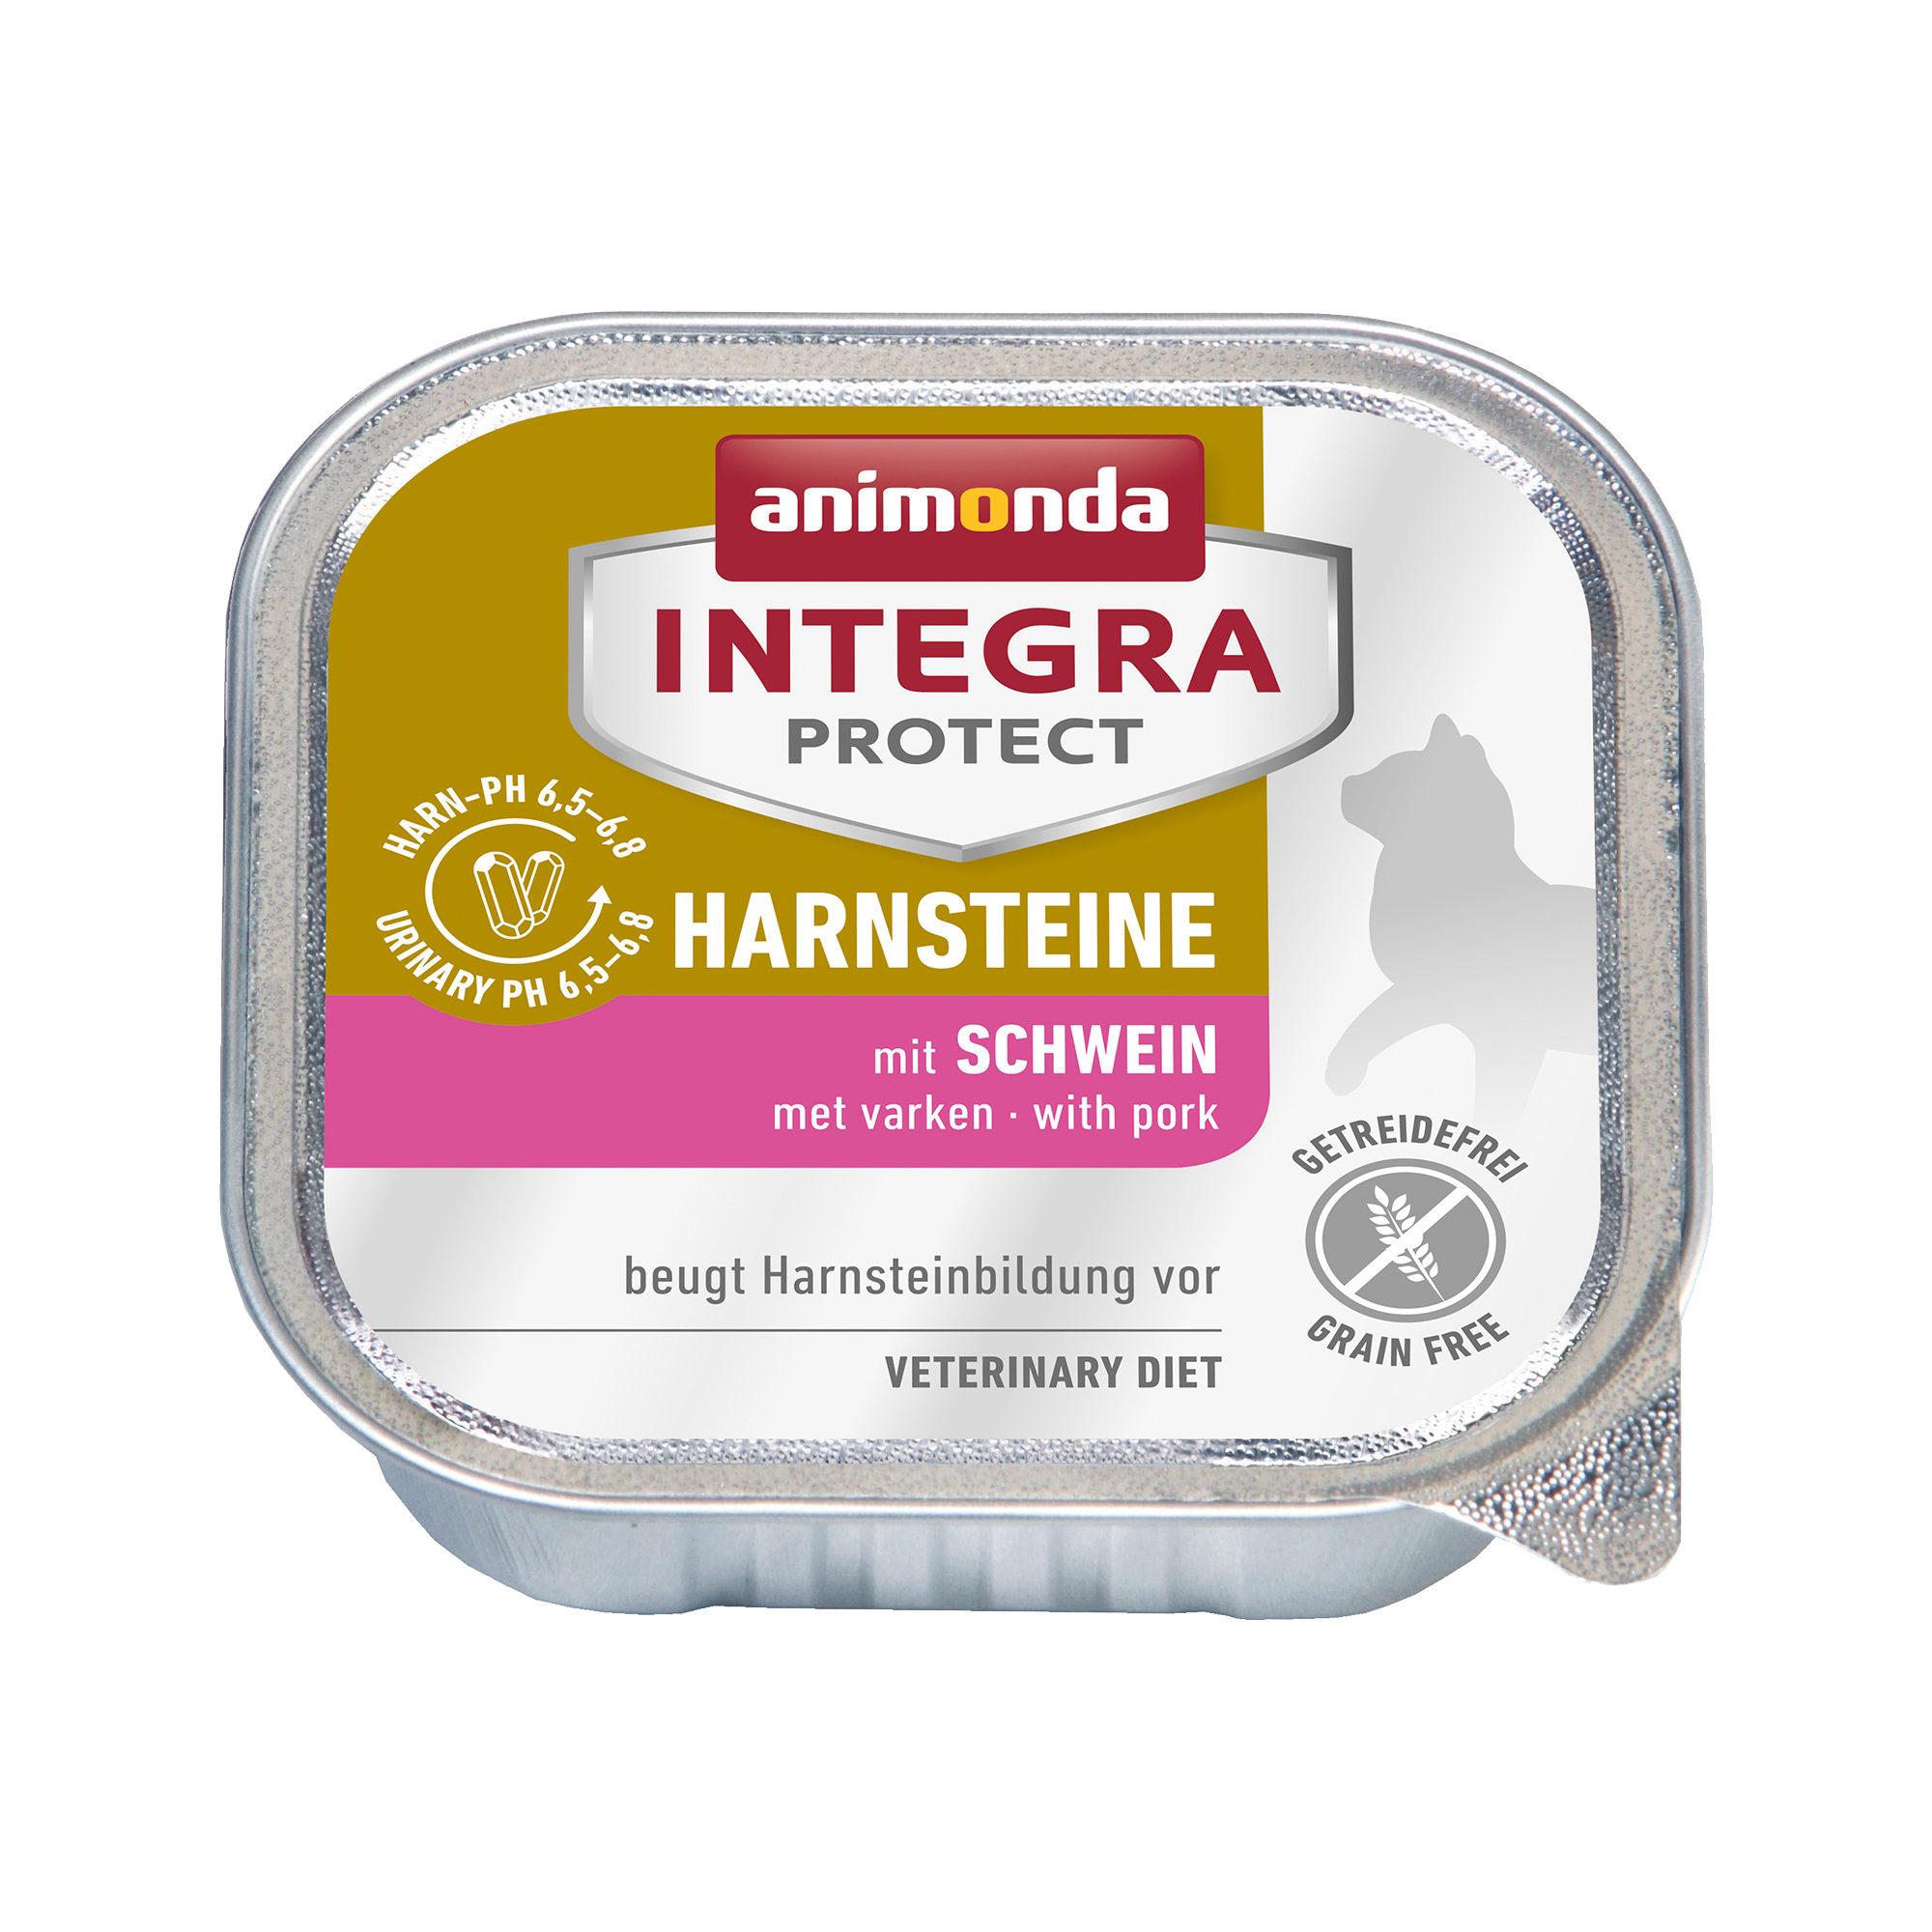 Animonda Integra Protect Harnsteine Katzenfutter - Schälchen - Schwein - 16 x 100 g